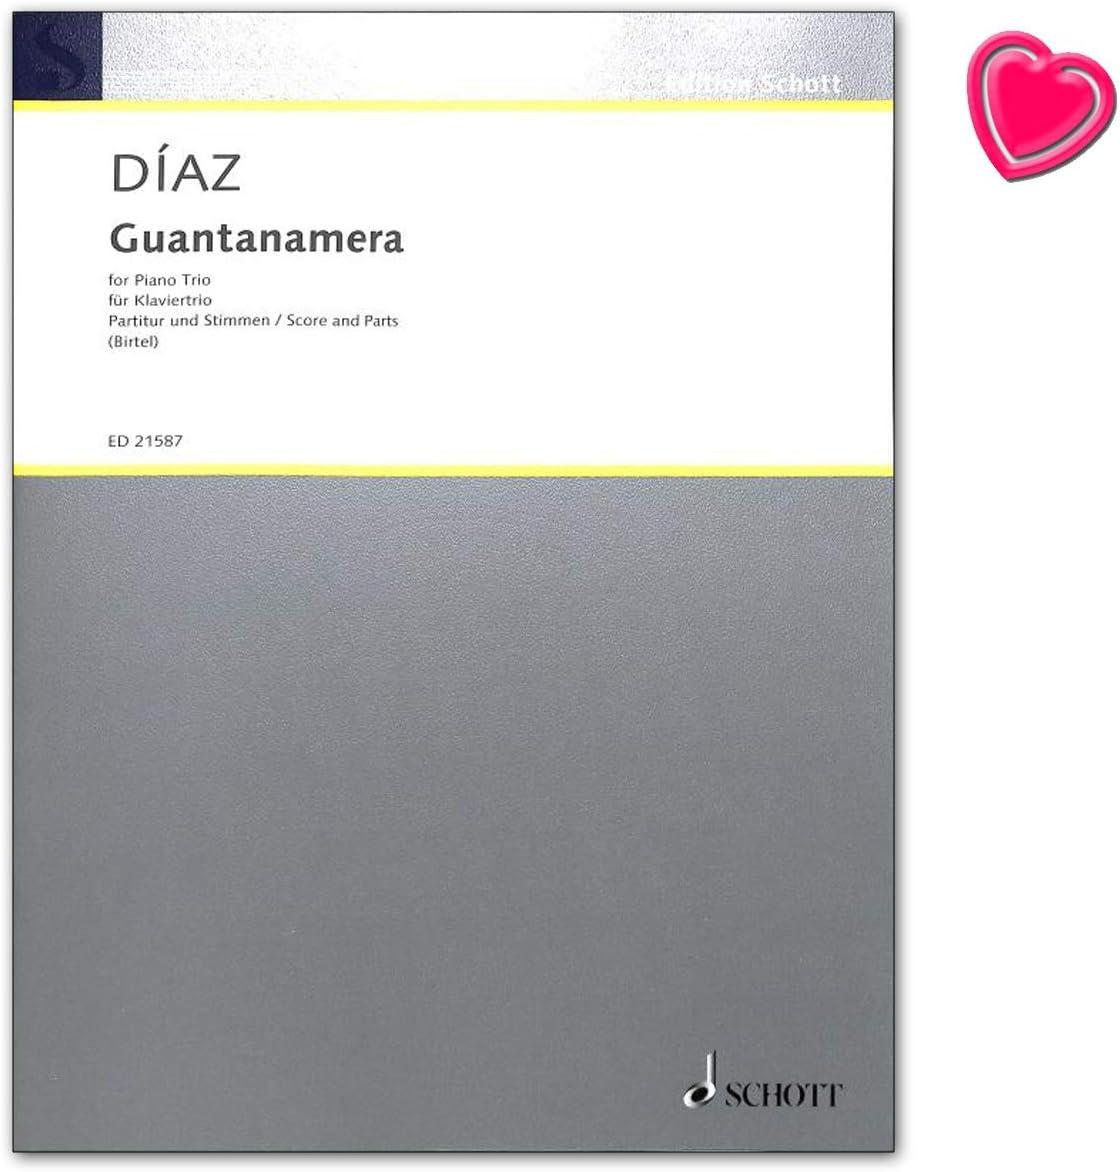 Diaz Guantanamera para violín, violonchelo y piano - Cuaderno de partituras con clip en forma de corazón - ED21587 9790001192071